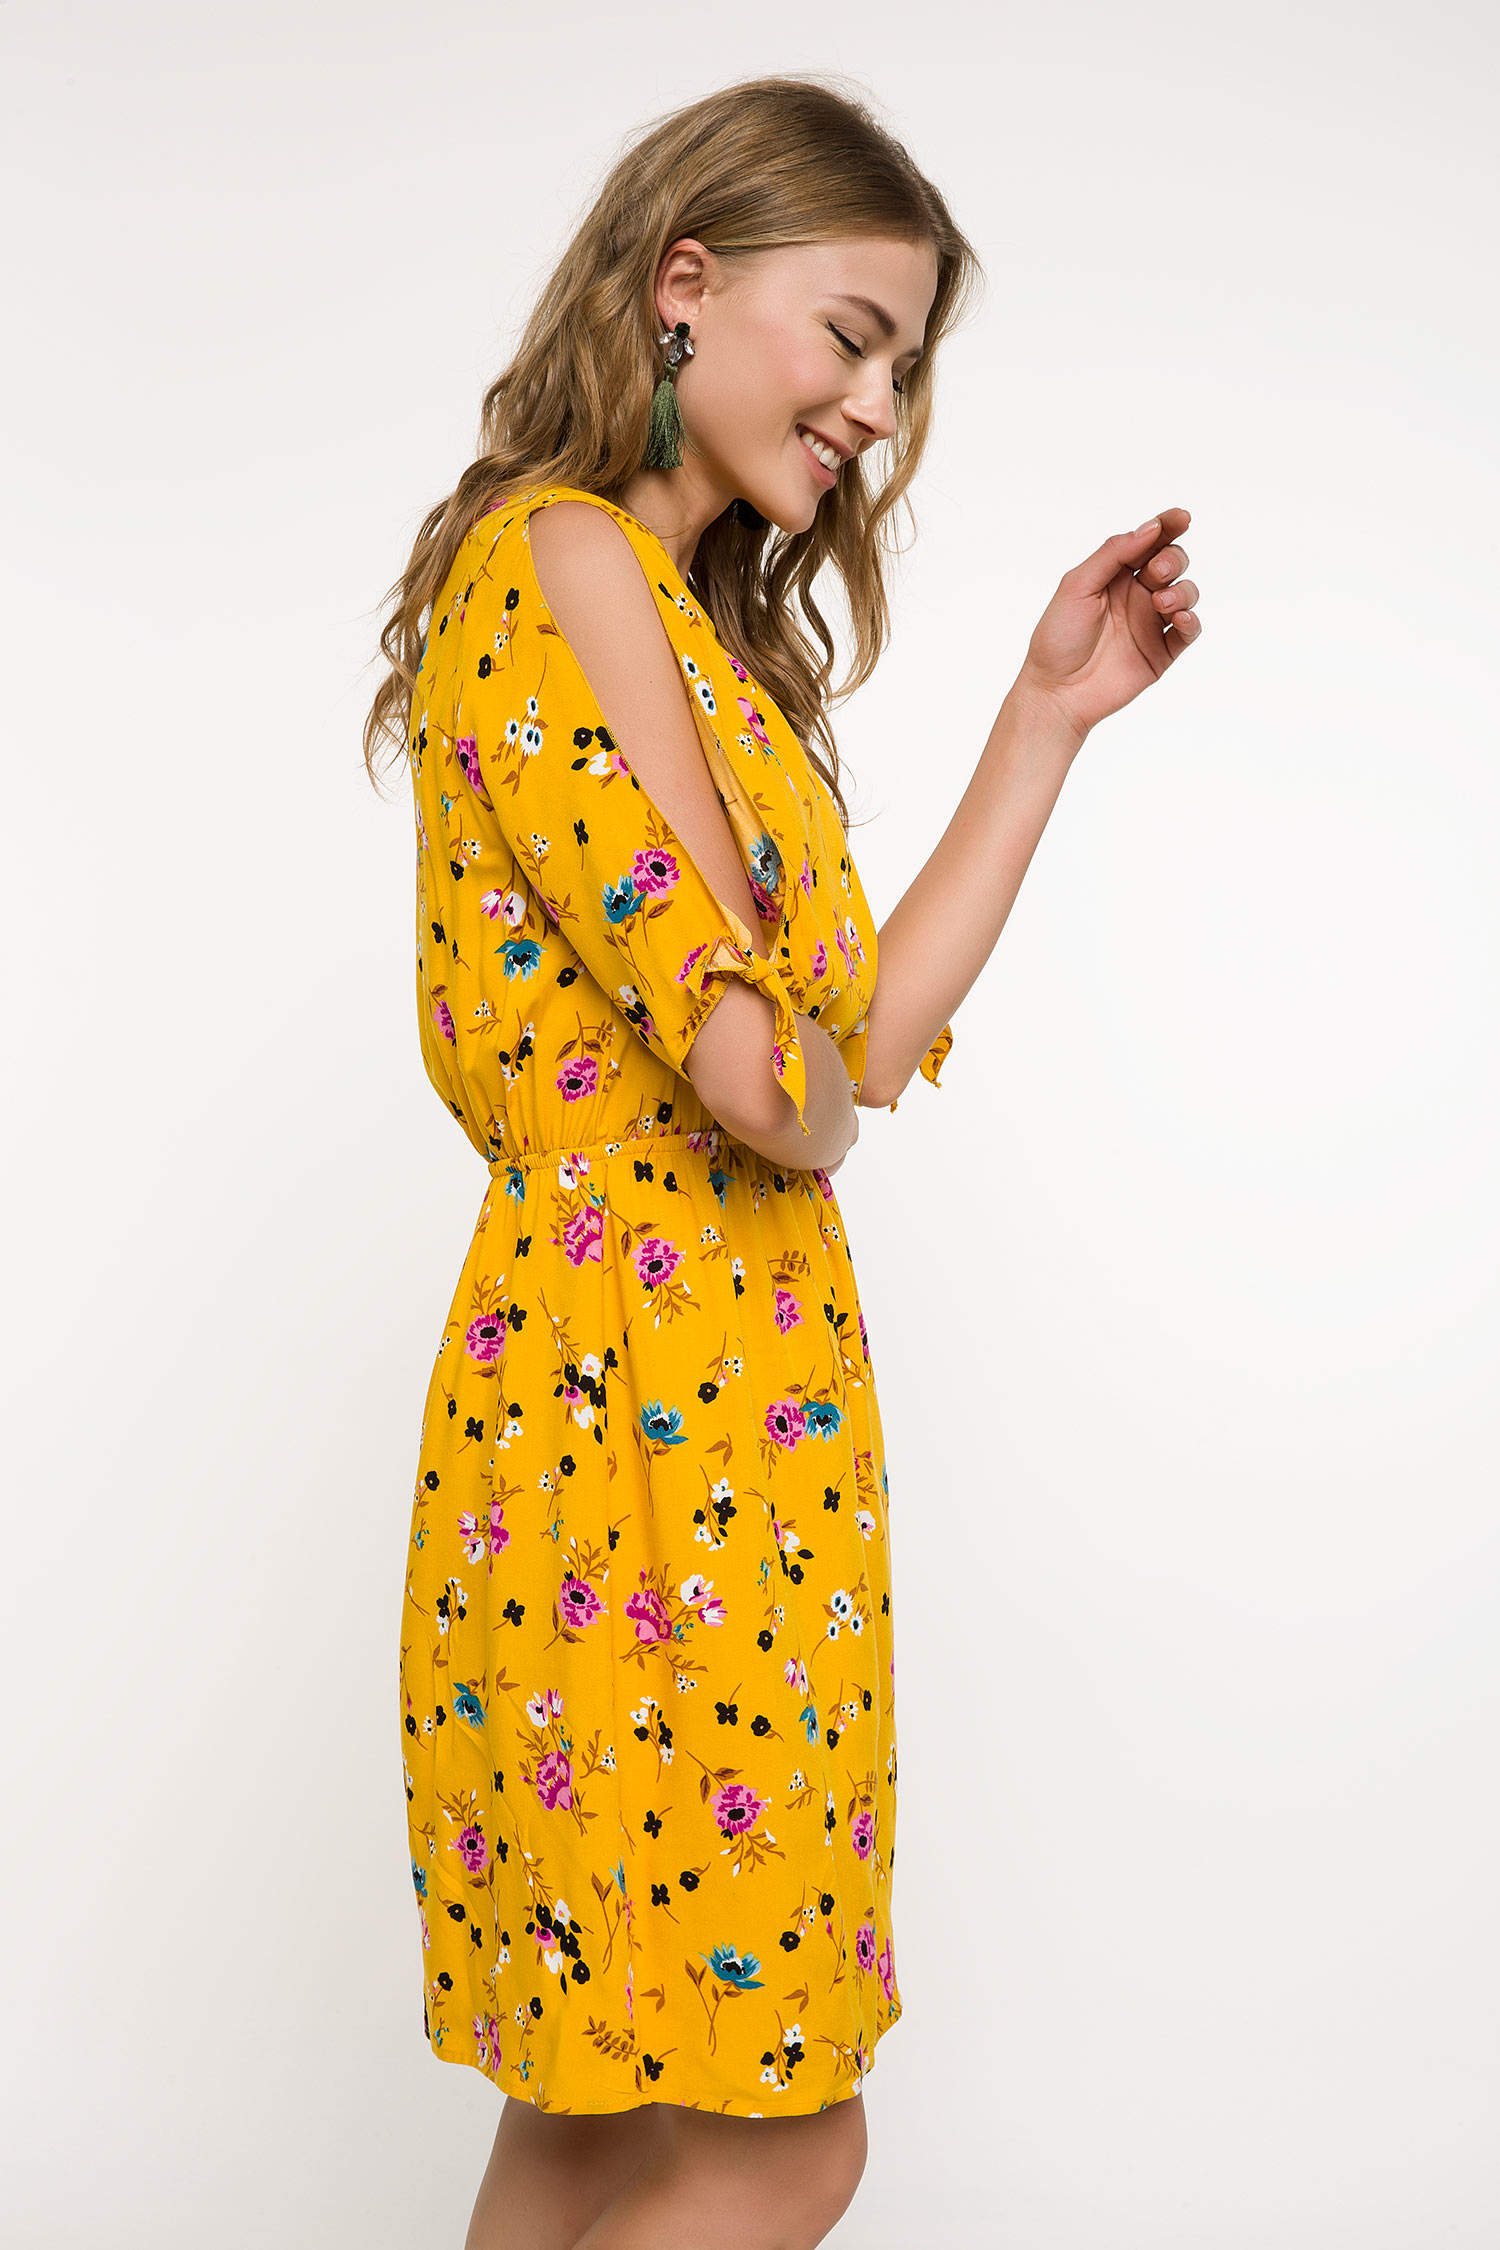 dd38eaf026e18 Sarı Kadın Omuzları Dekolte Detaylı Çiçek Desenli Elbise 830179 | DeFacto